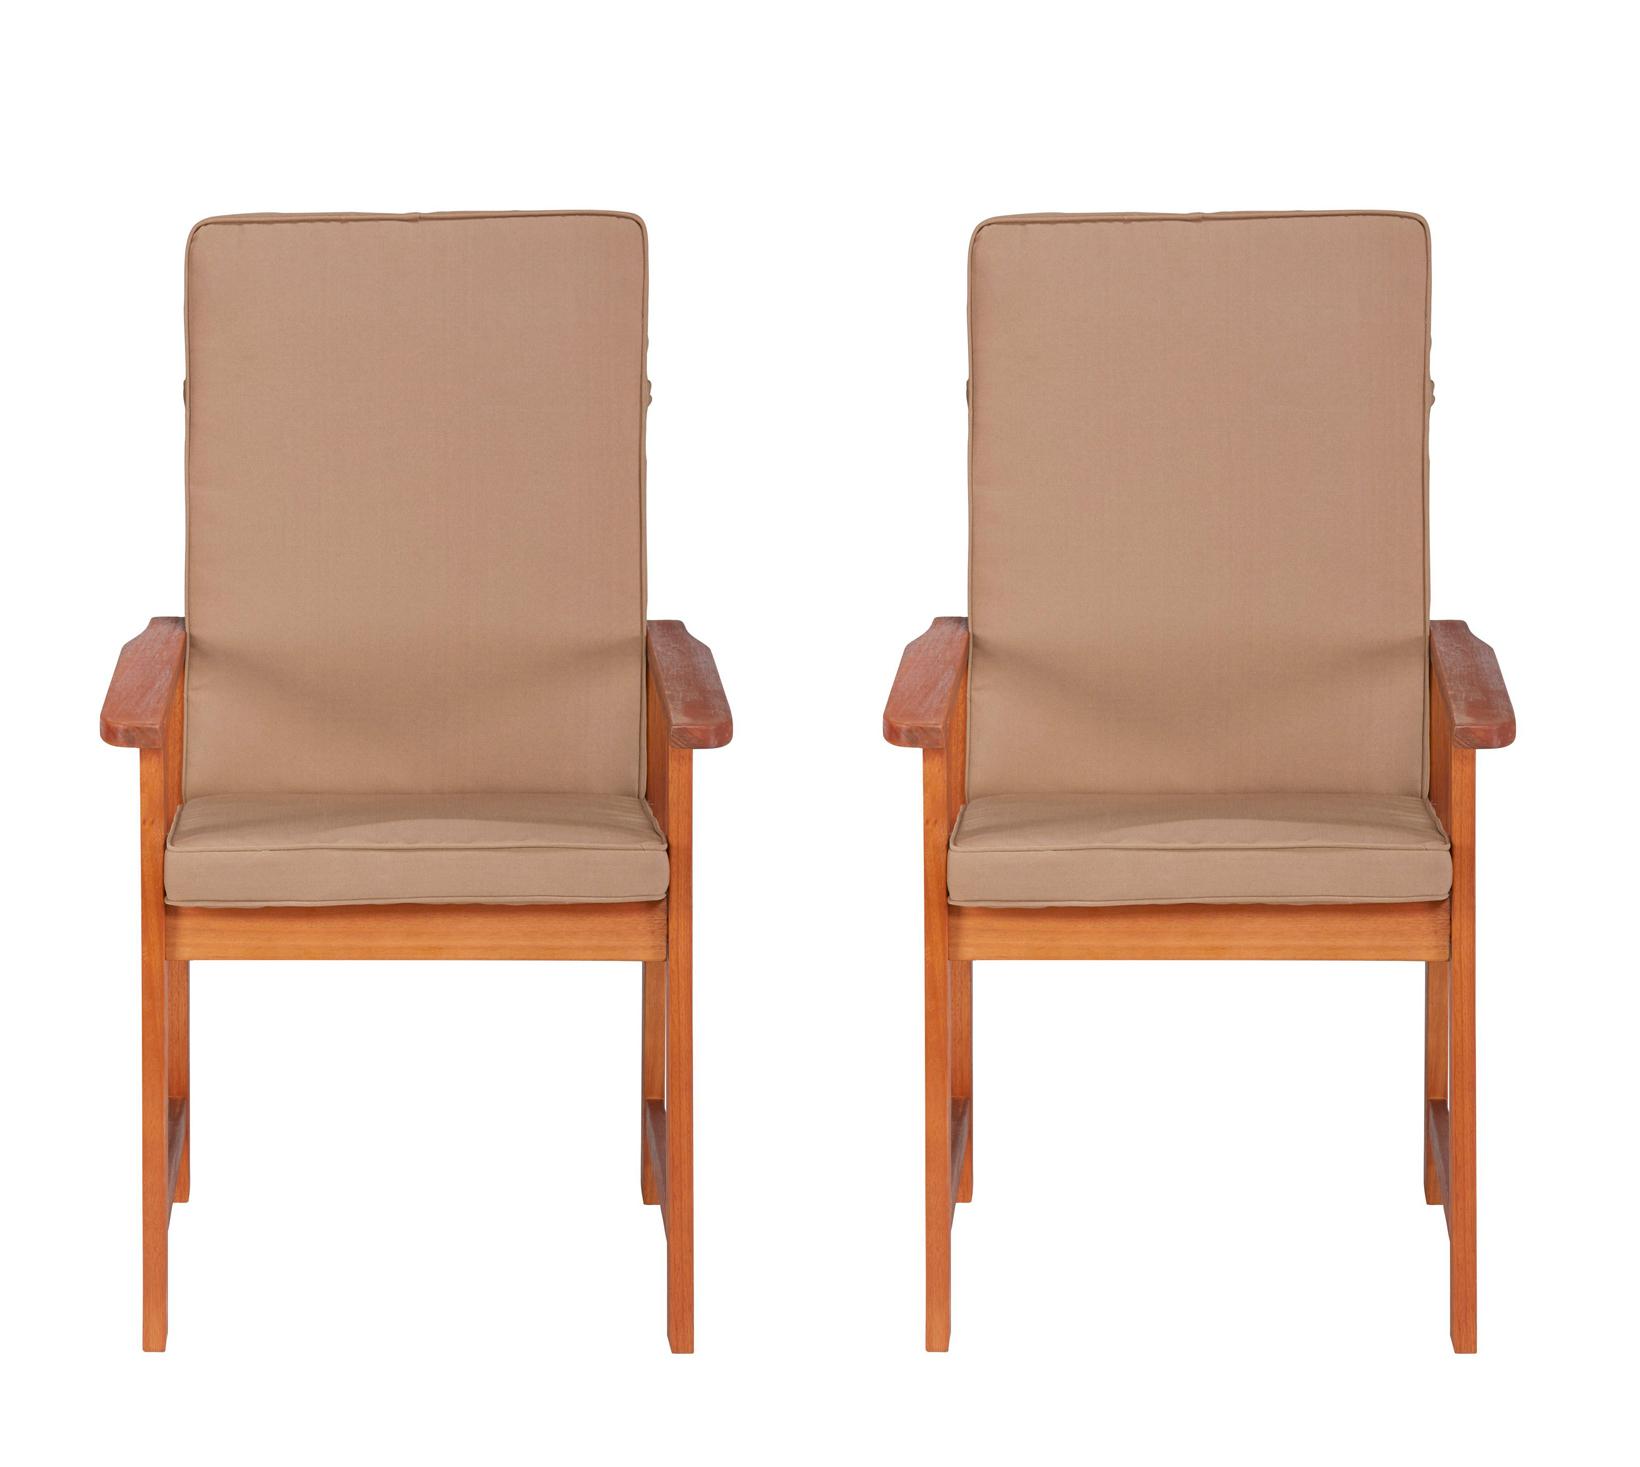 2 Gartenstühle Holzstühle Esstischstühle Eukalyptusholz 2 Stück 7150231